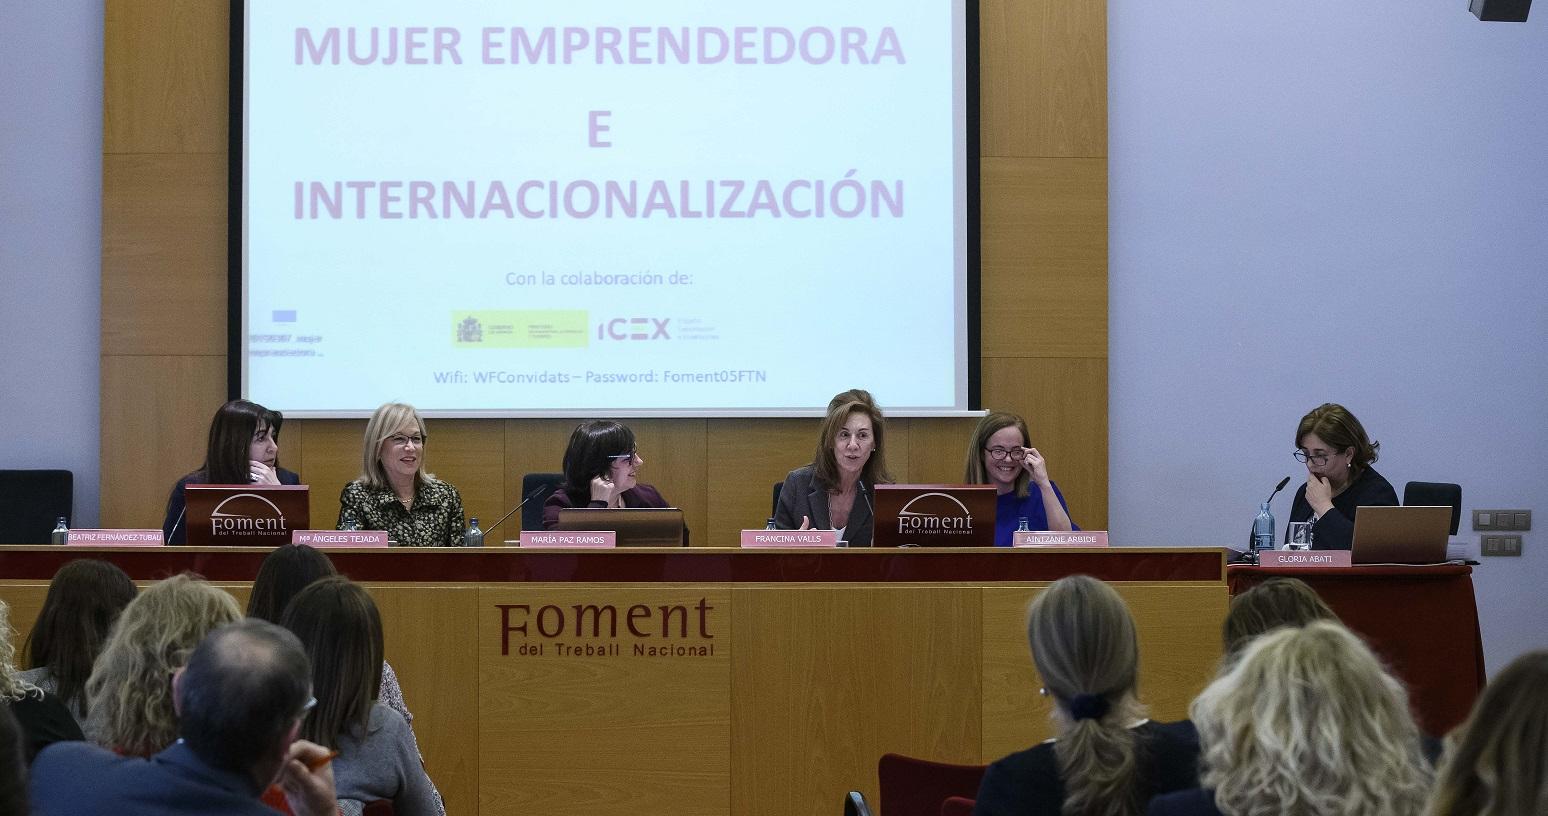 Persisteixen desequilibris de gènere a l'hora d'emprendre o internacionalitzar projectes empresarials